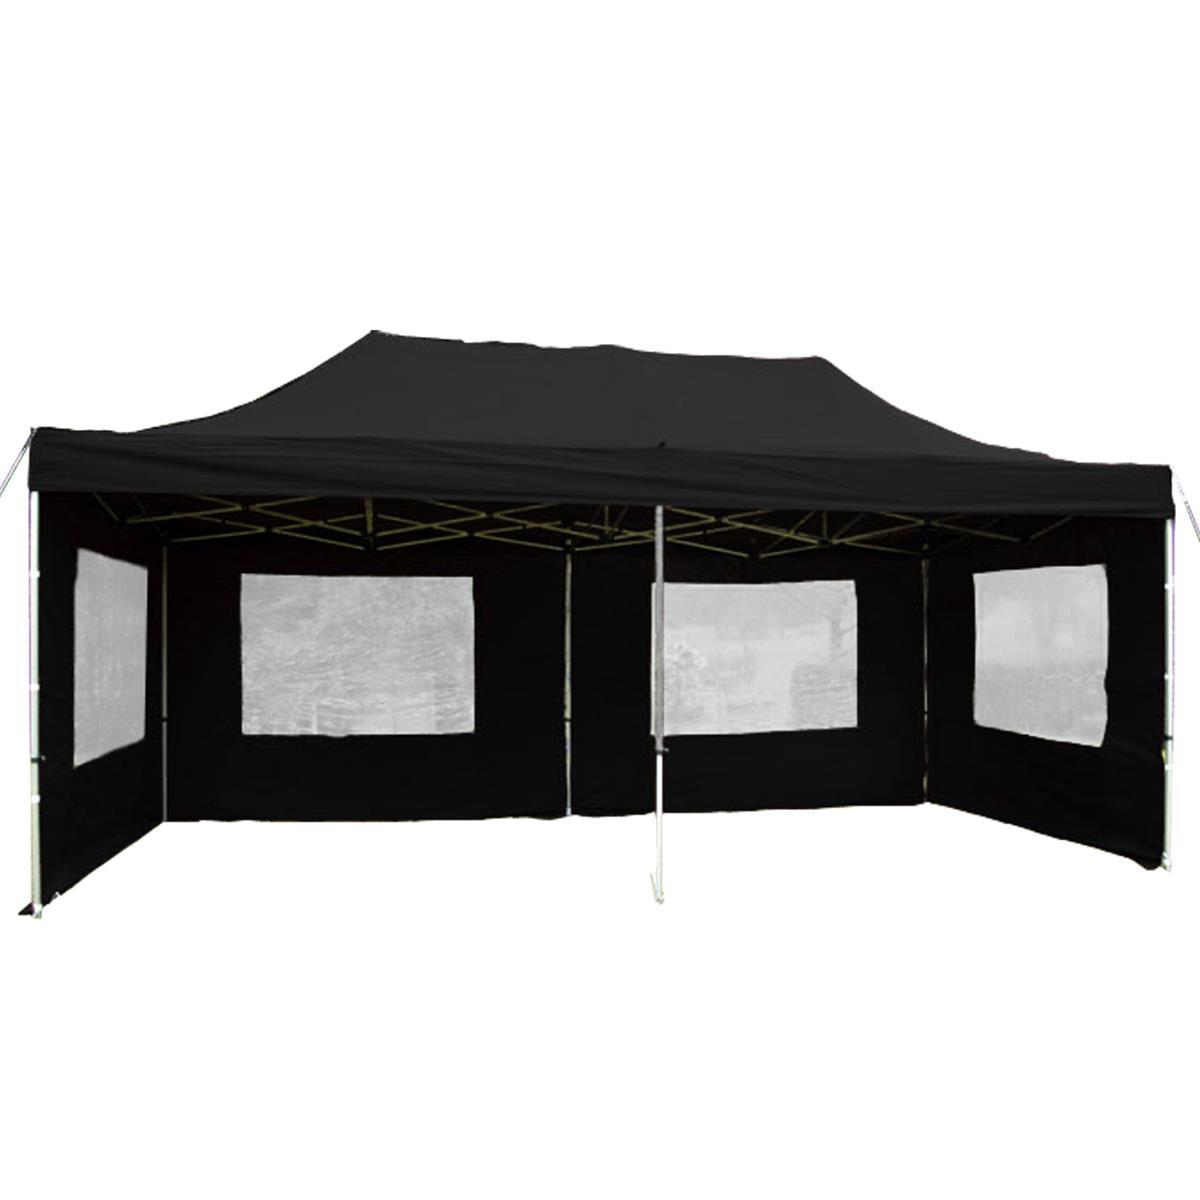 PROFI Faltpavillon Partyzelt 3x6 m schwarz mit Seitenteilen wasserdichtes Dach